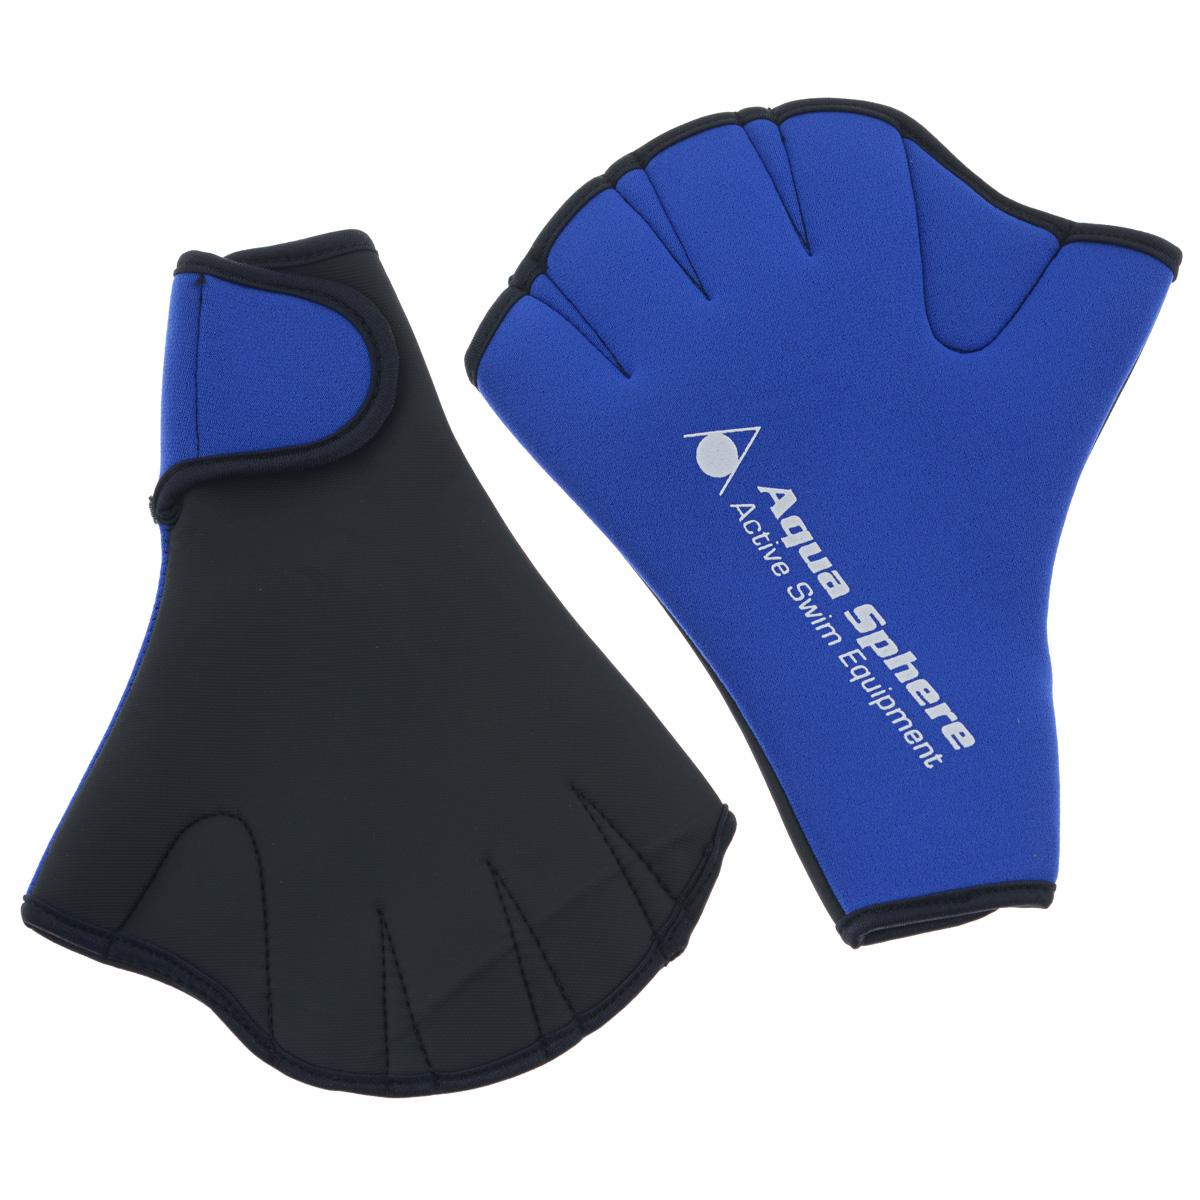 Перчатки для рук Aqua Sphere  Swim Glove , цвет: синий. Размер M - Дайвинг